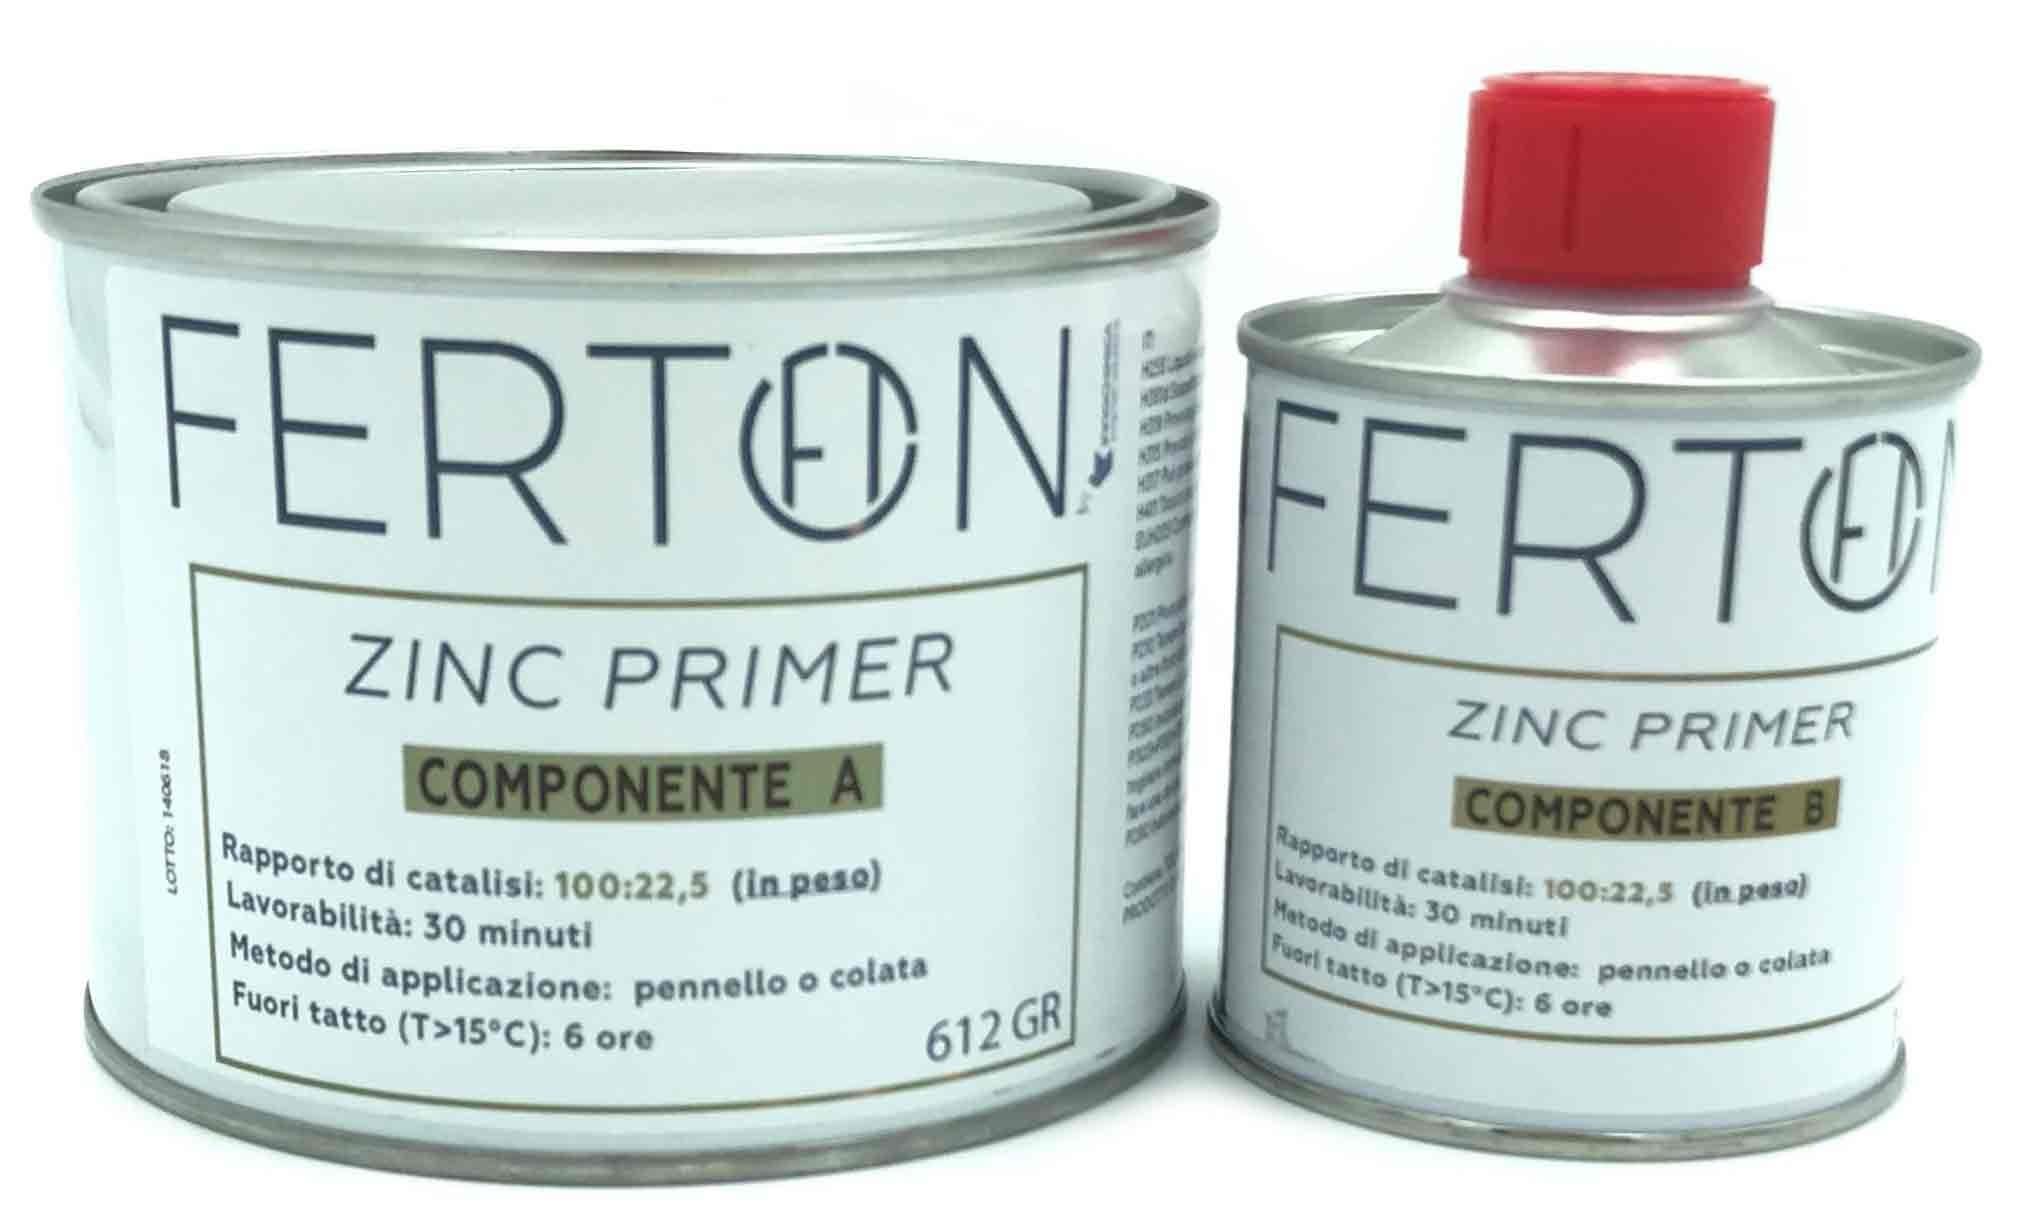 COMPONENTE B PRIMER ZINC PER SERBATOI FERTON COMPONENTE A